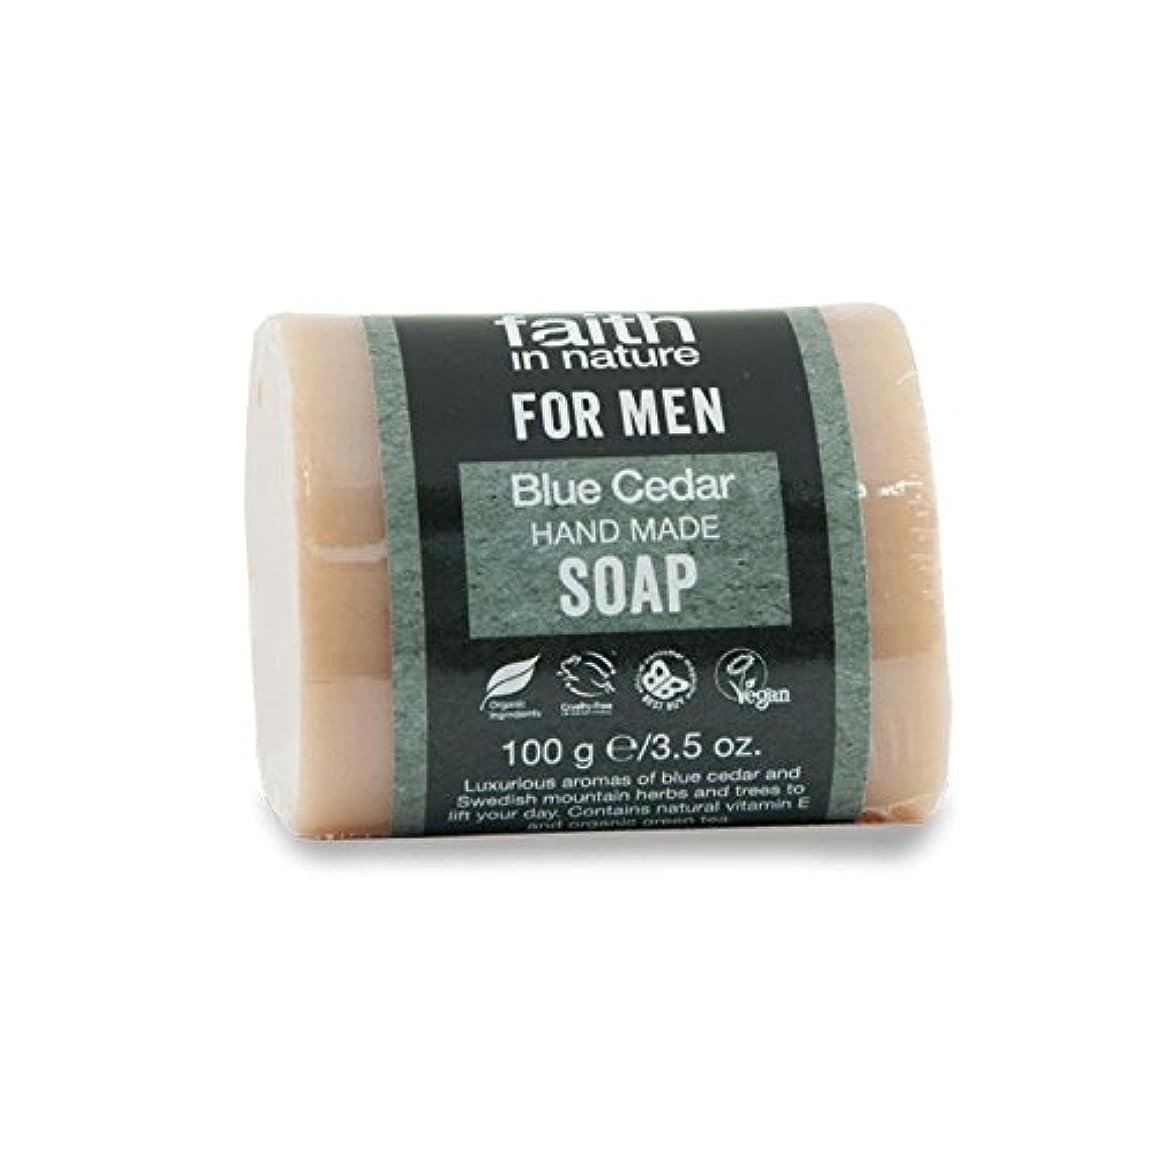 既婚チャネルエイリアスFaith in Nature for Men Blue Cedar Soap 100g (Pack of 2) - 男性青杉の石鹸100グラムのための自然の中で信仰 (x2) [並行輸入品]